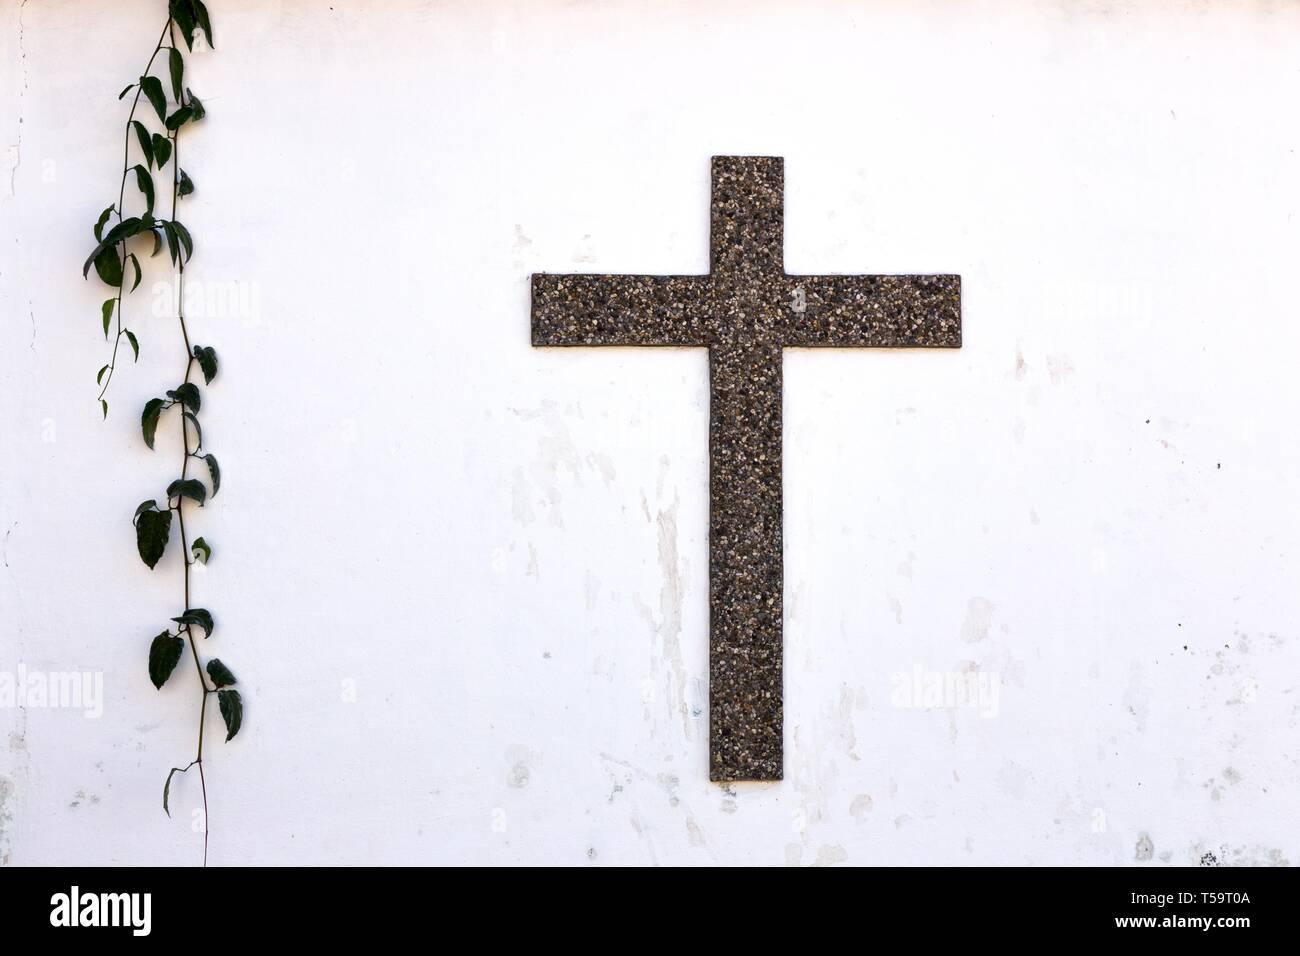 religious-cross-against-the-white-backgr